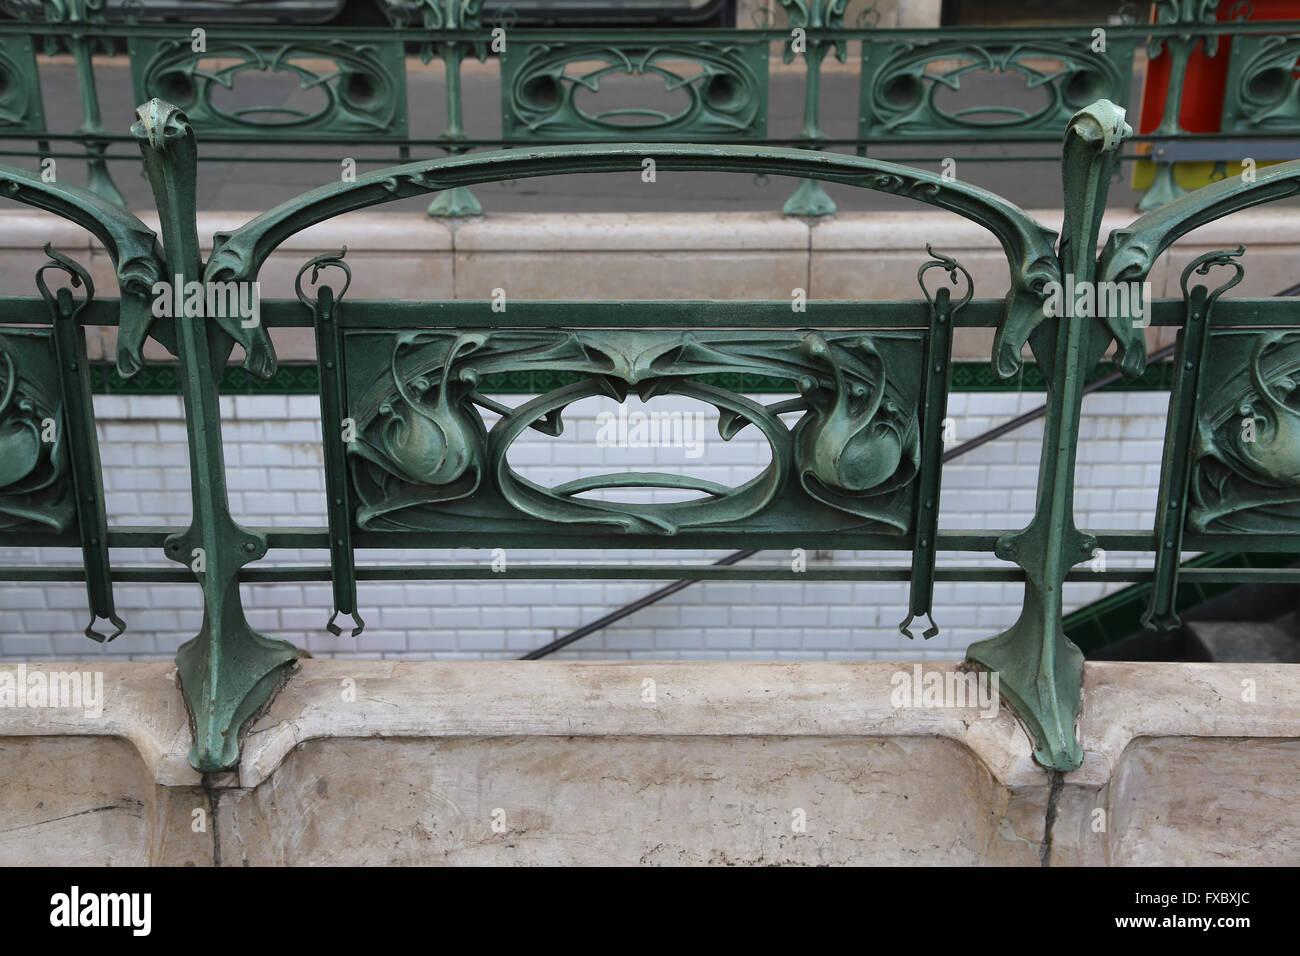 La France. Paris. Entrée privée. La station de métro. Détail. Fer à repasser. L'Art Photo Stock